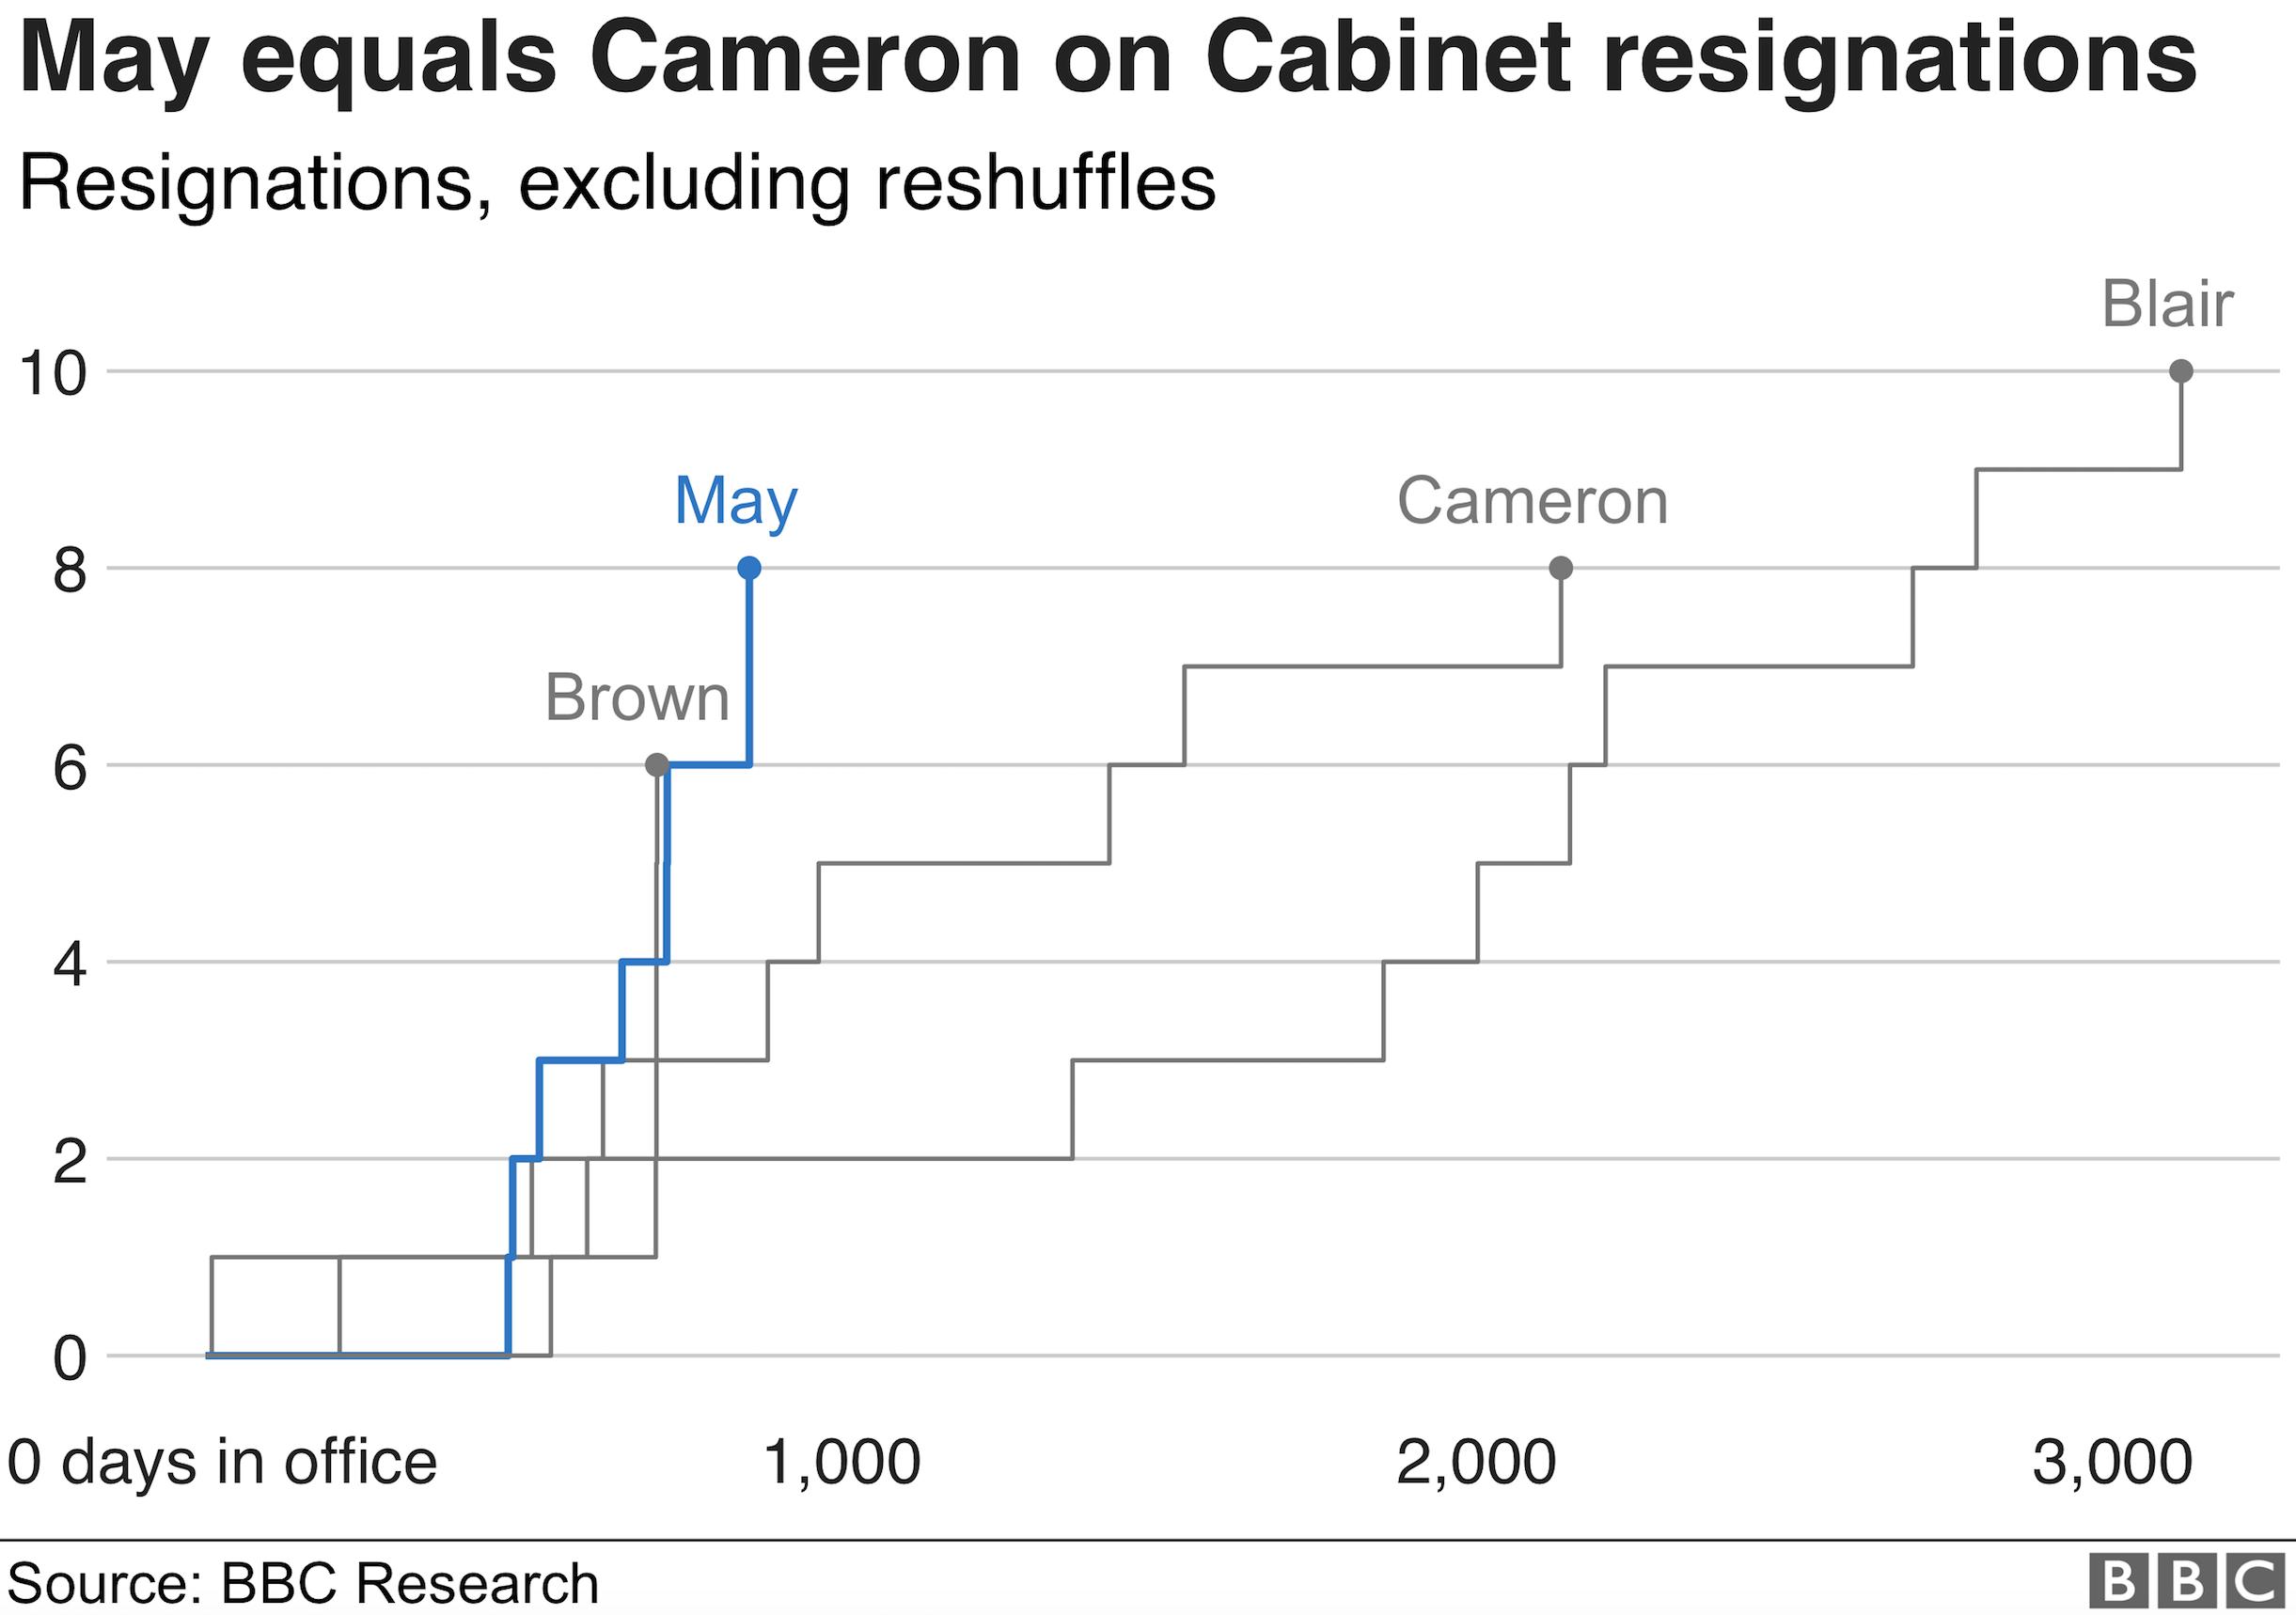 Cabinet resignations